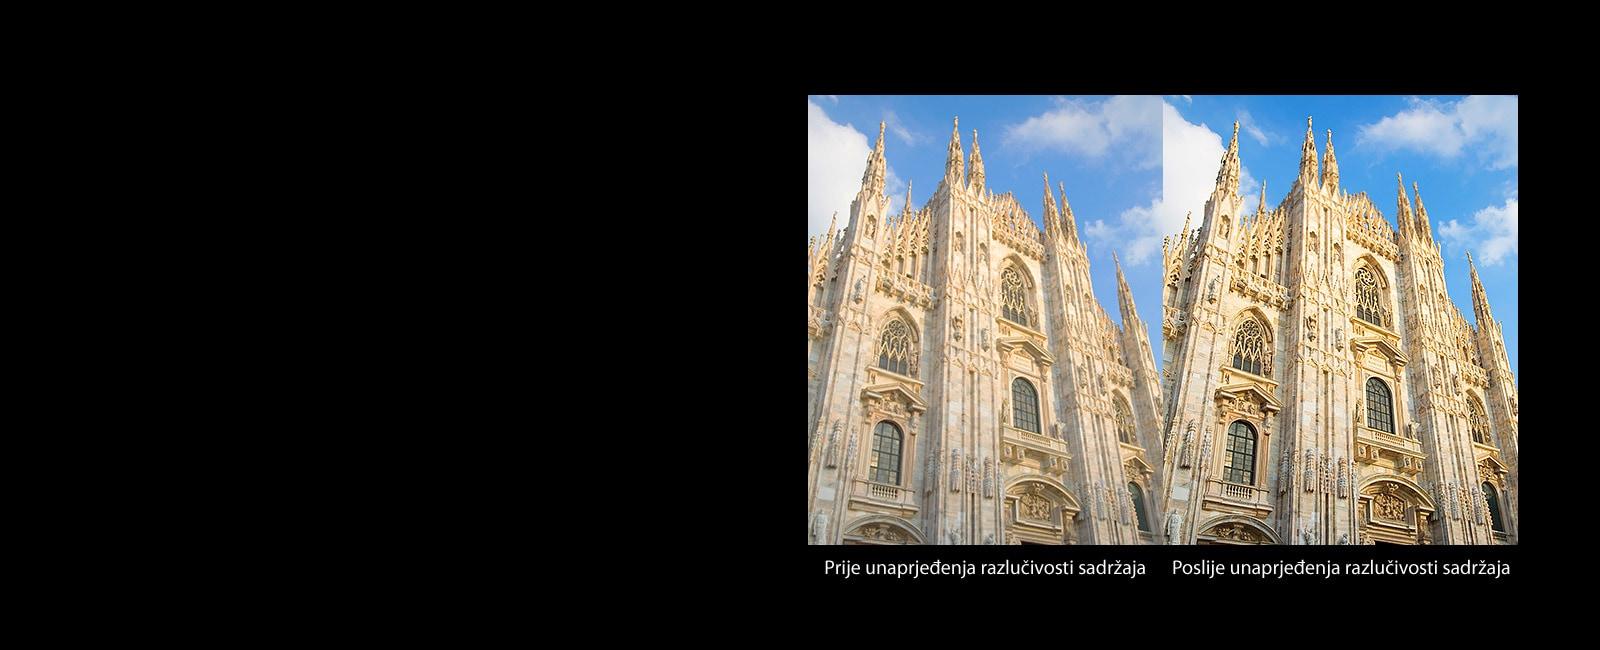 Primerjava katoliške cerkve pred in po nadgradnji.